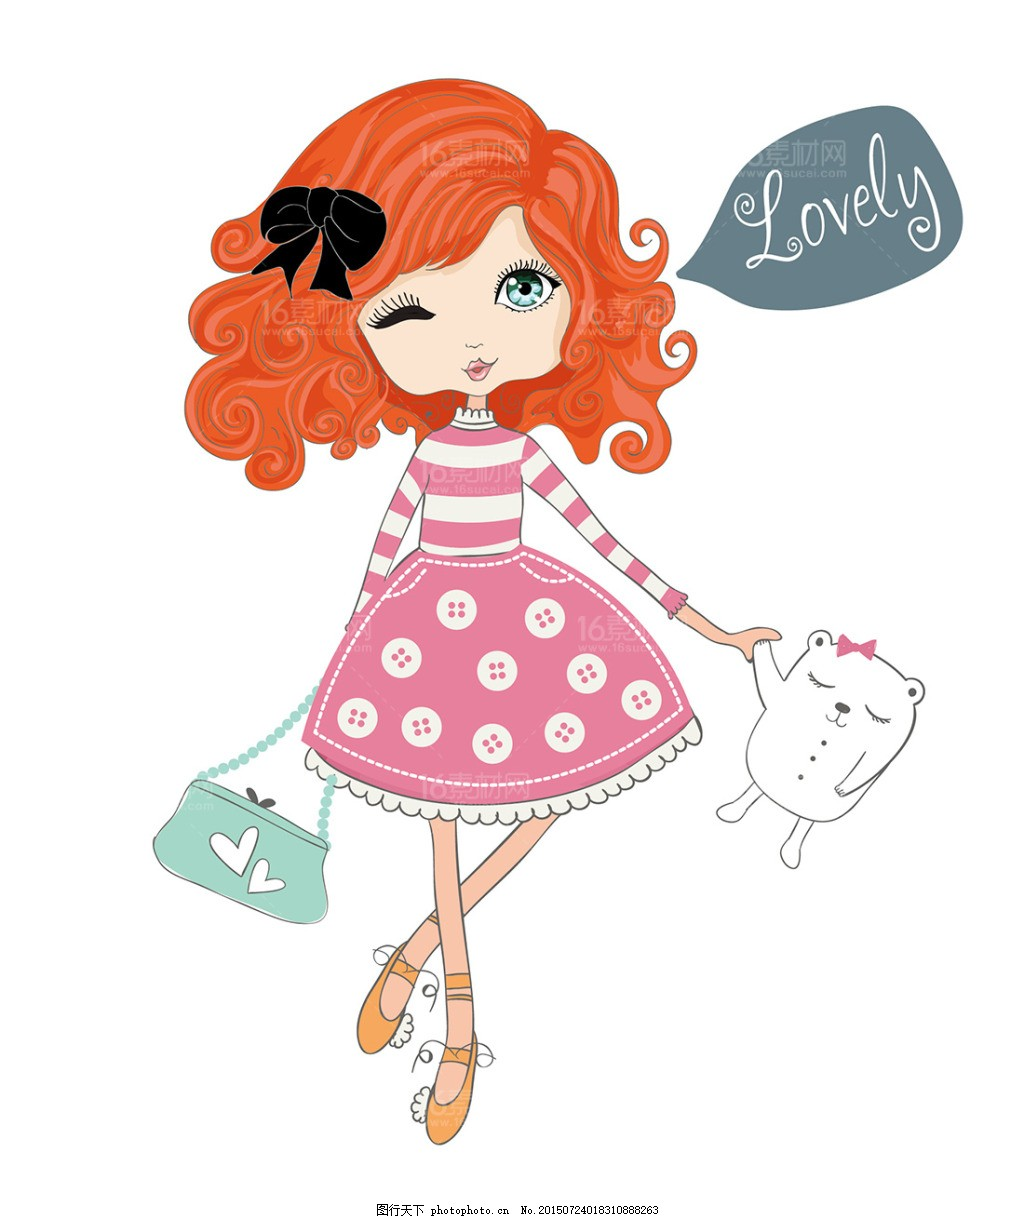 绘画人物 卡通时尚女性穿着打扮时尚人物可爱女生女孩子化妆卡通美女